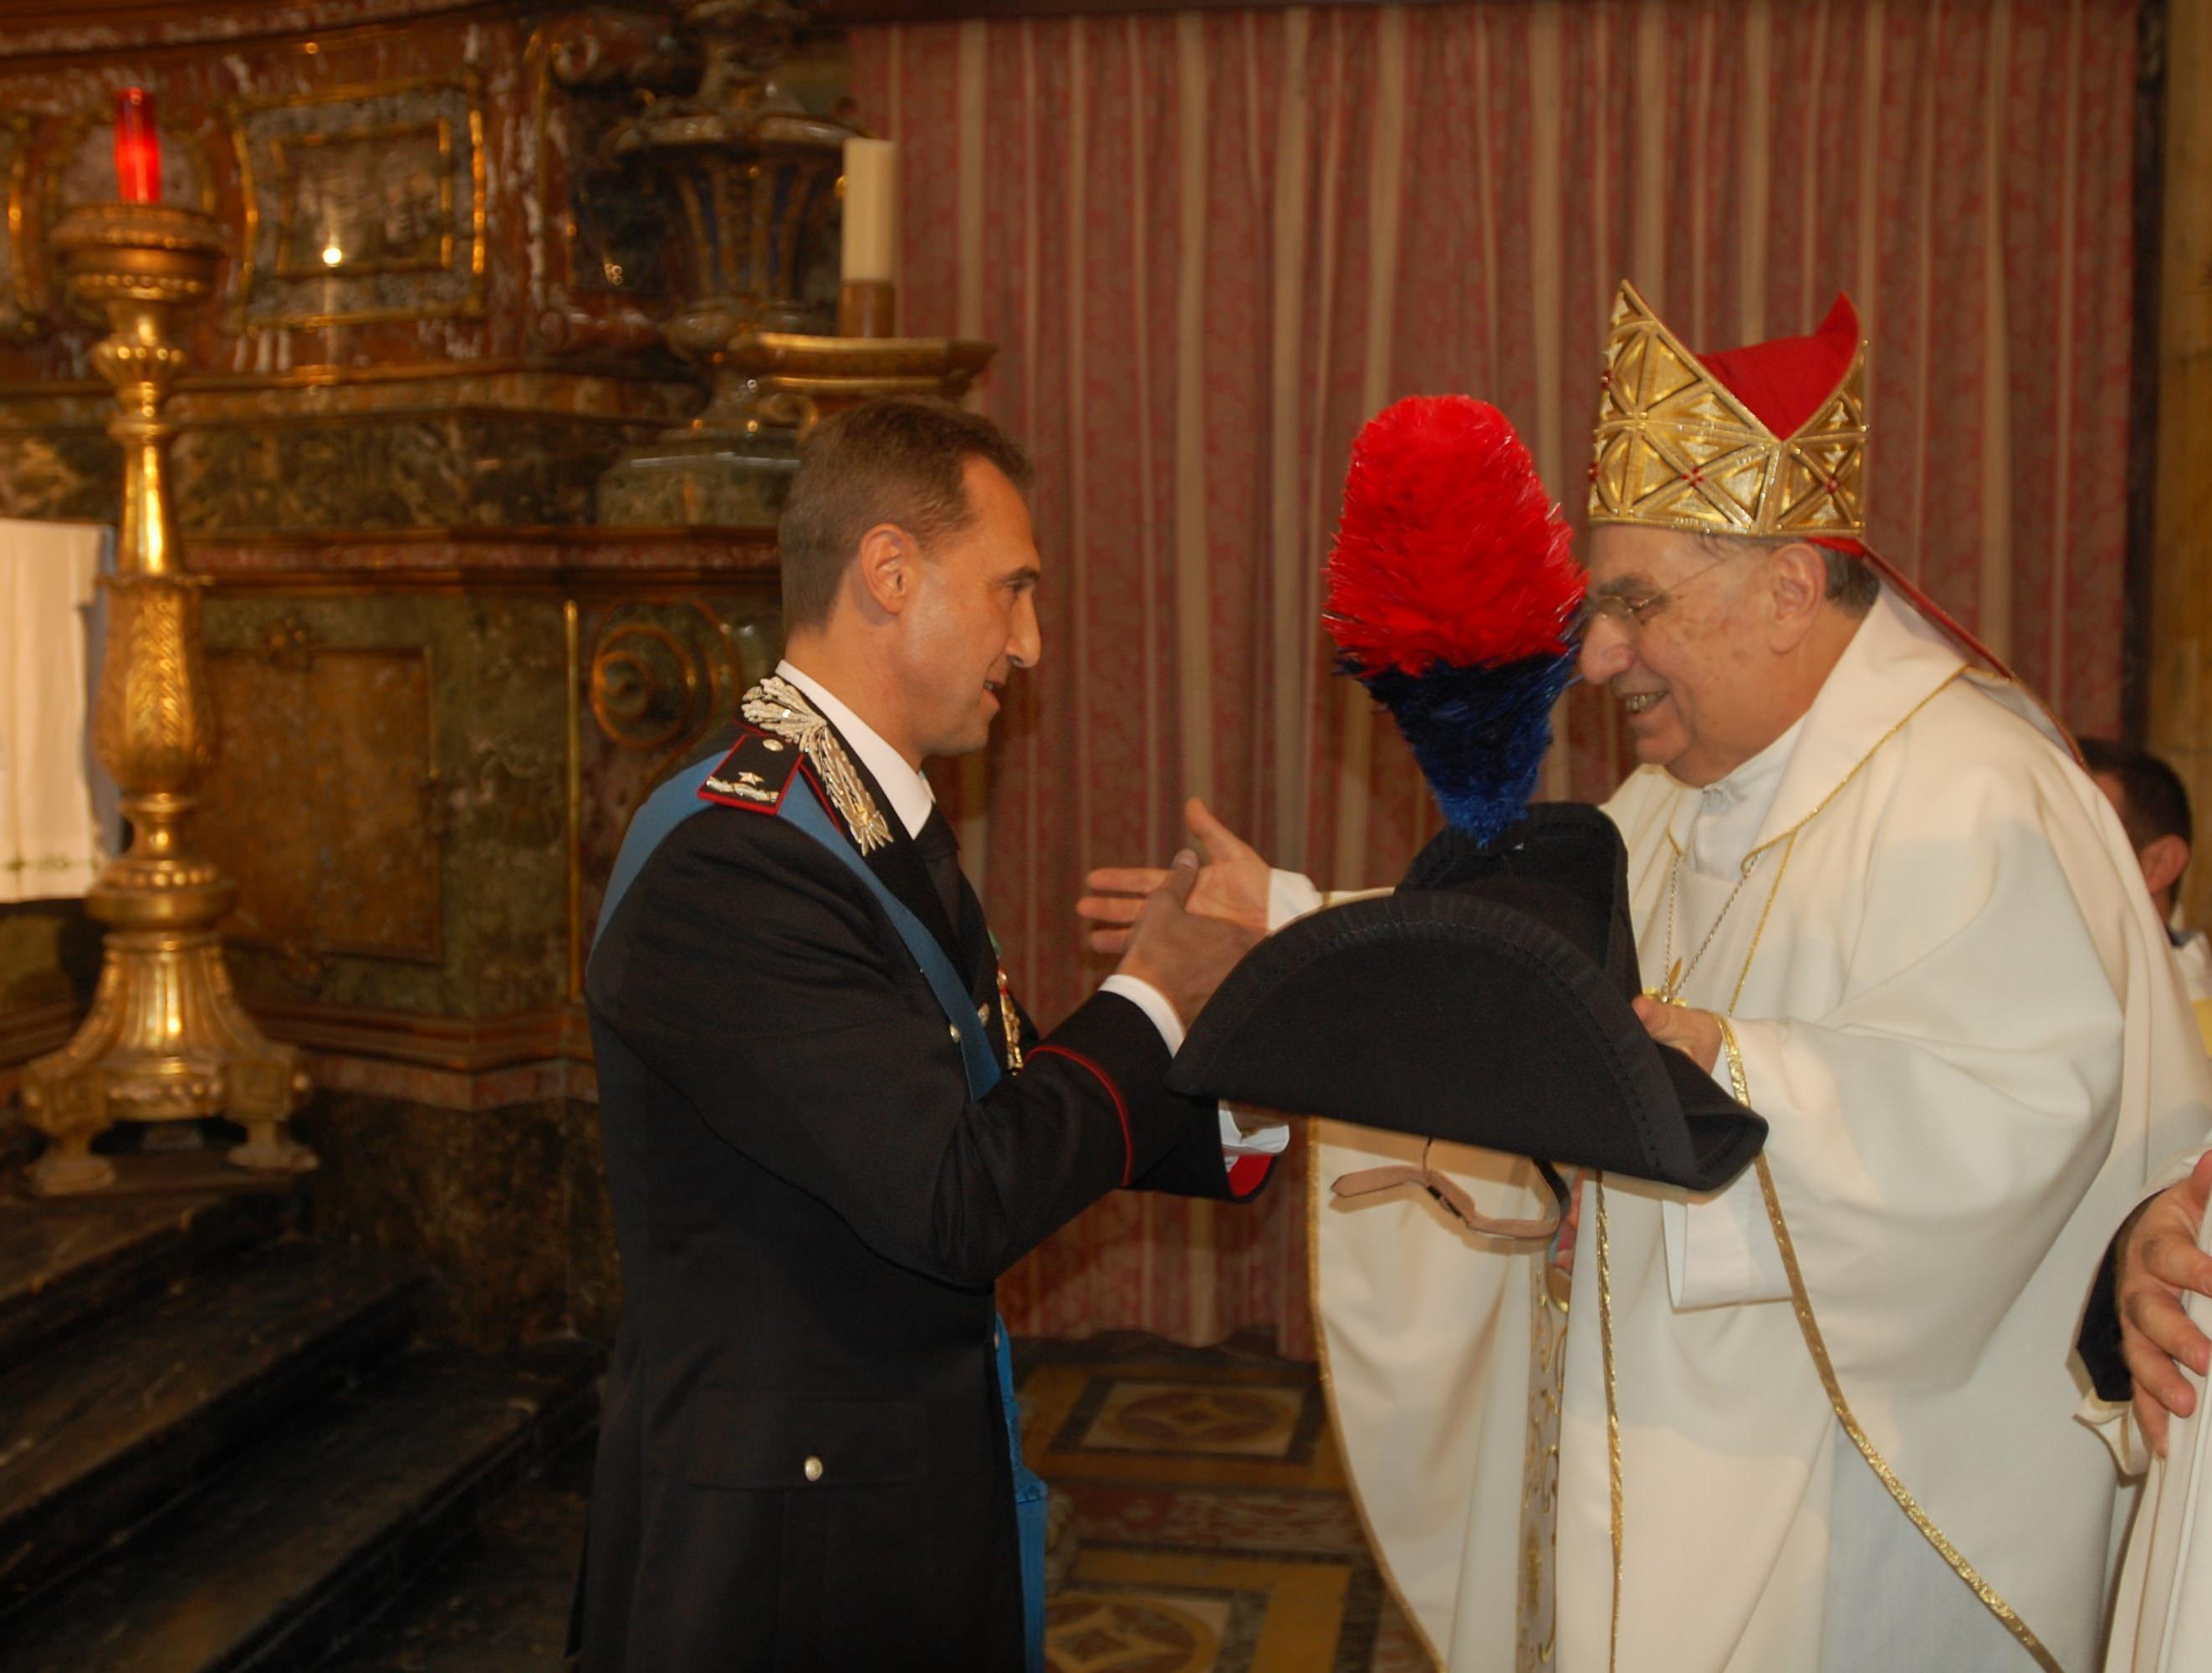 A Palermo e Catania la celebrazione della Virgo Fidelis